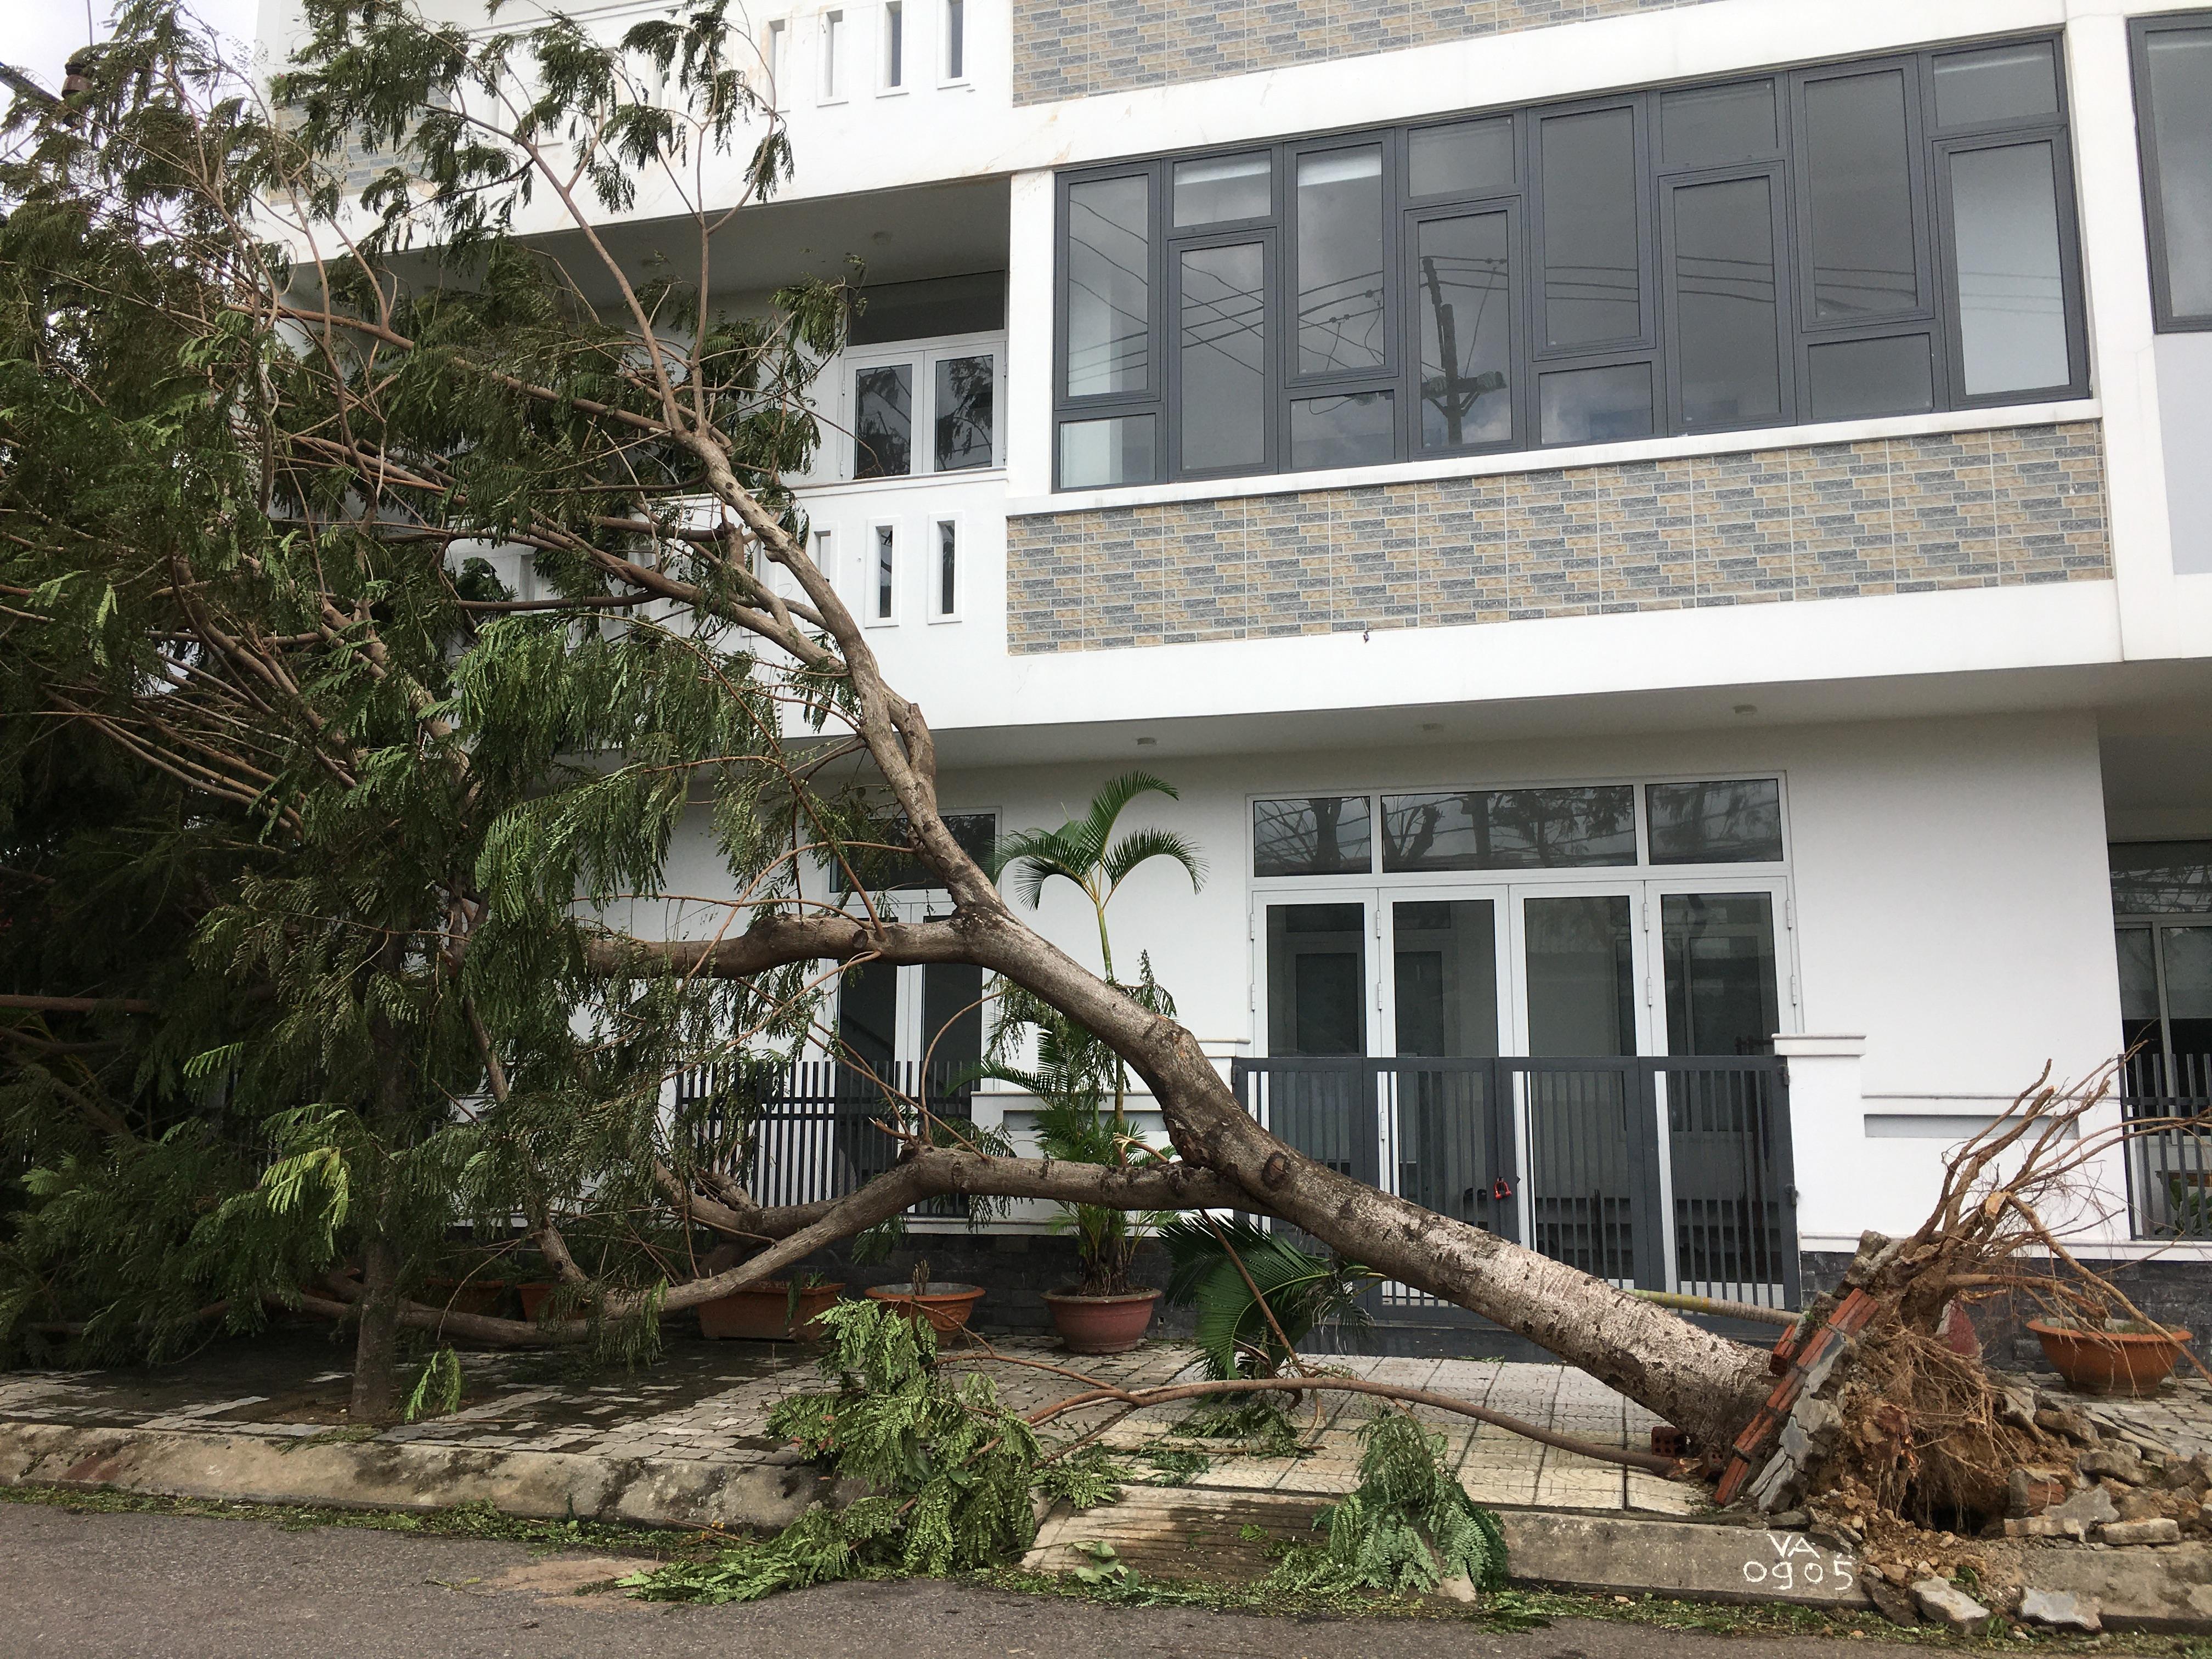 Đà Nẵng tiêu điều do bão số 9 quật phá - Ảnh 16.